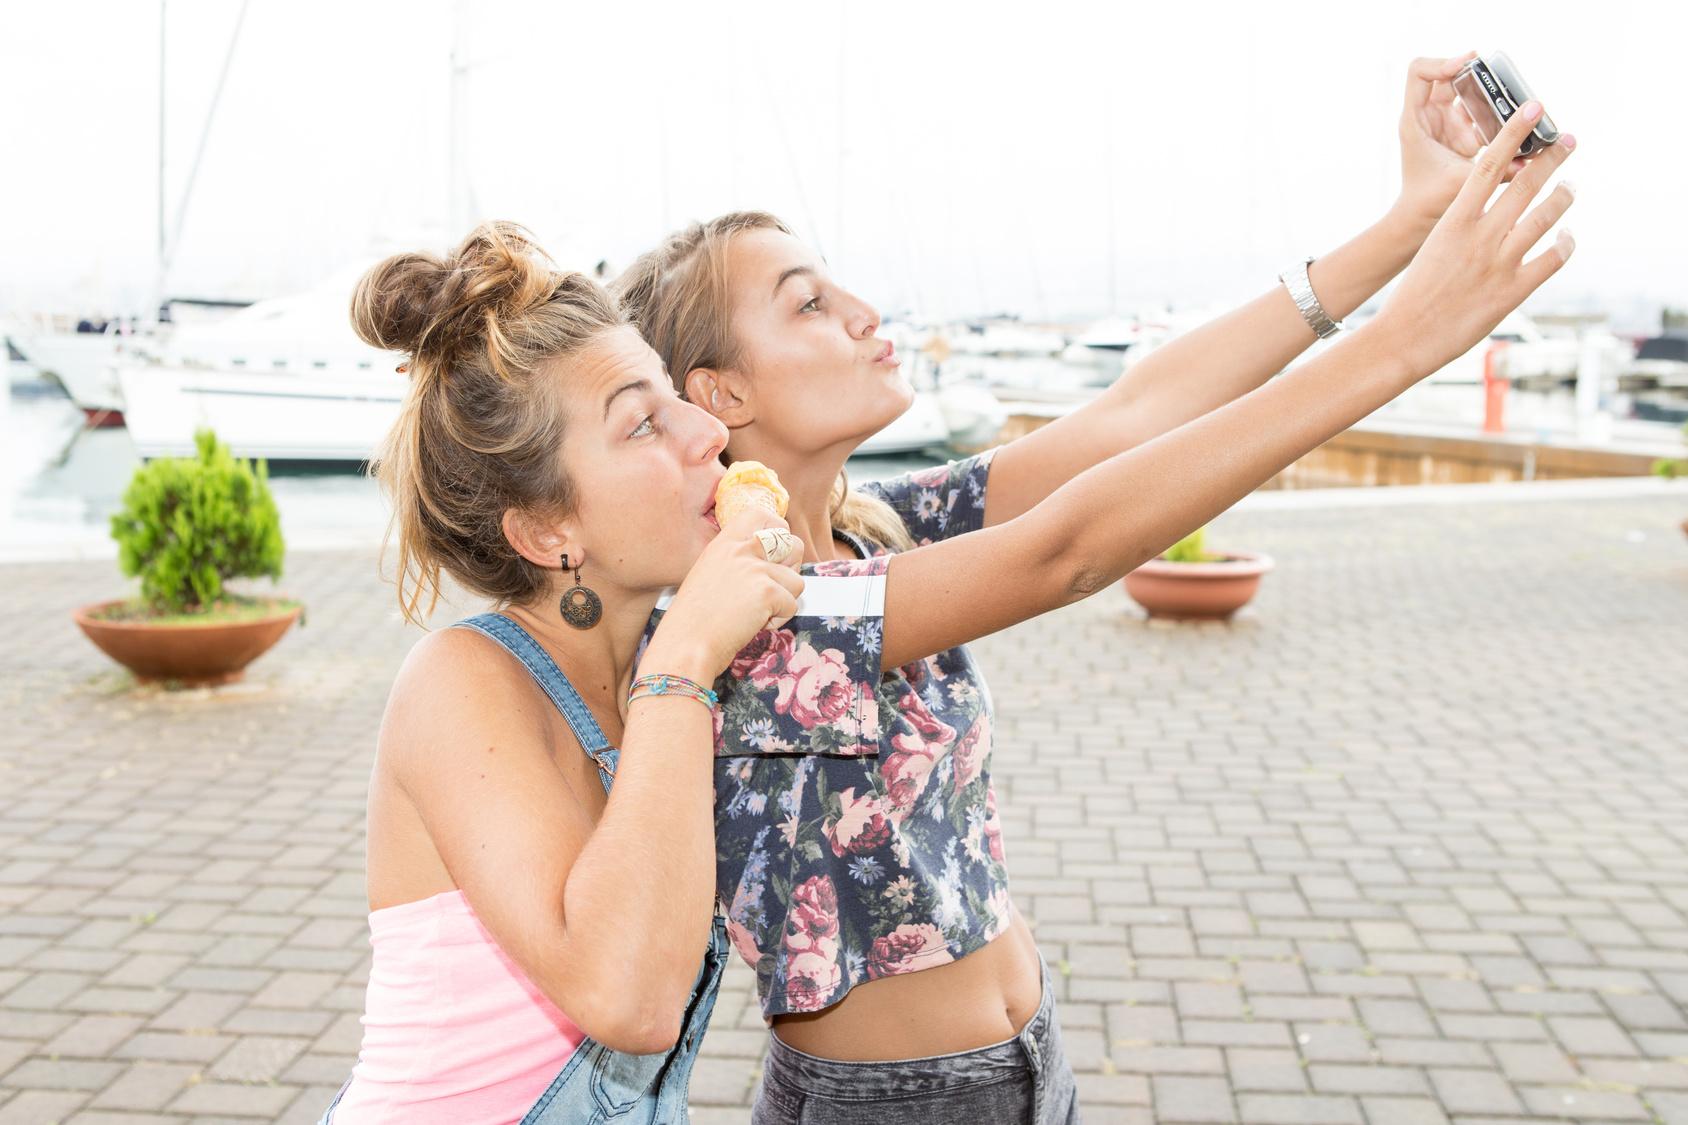 Dlaczego nastolatkowie zatracają się w Instagramie i Facebooku?Co właściwie daje publikowanie swoich zdjęć w sieci? Nakatomi LLC